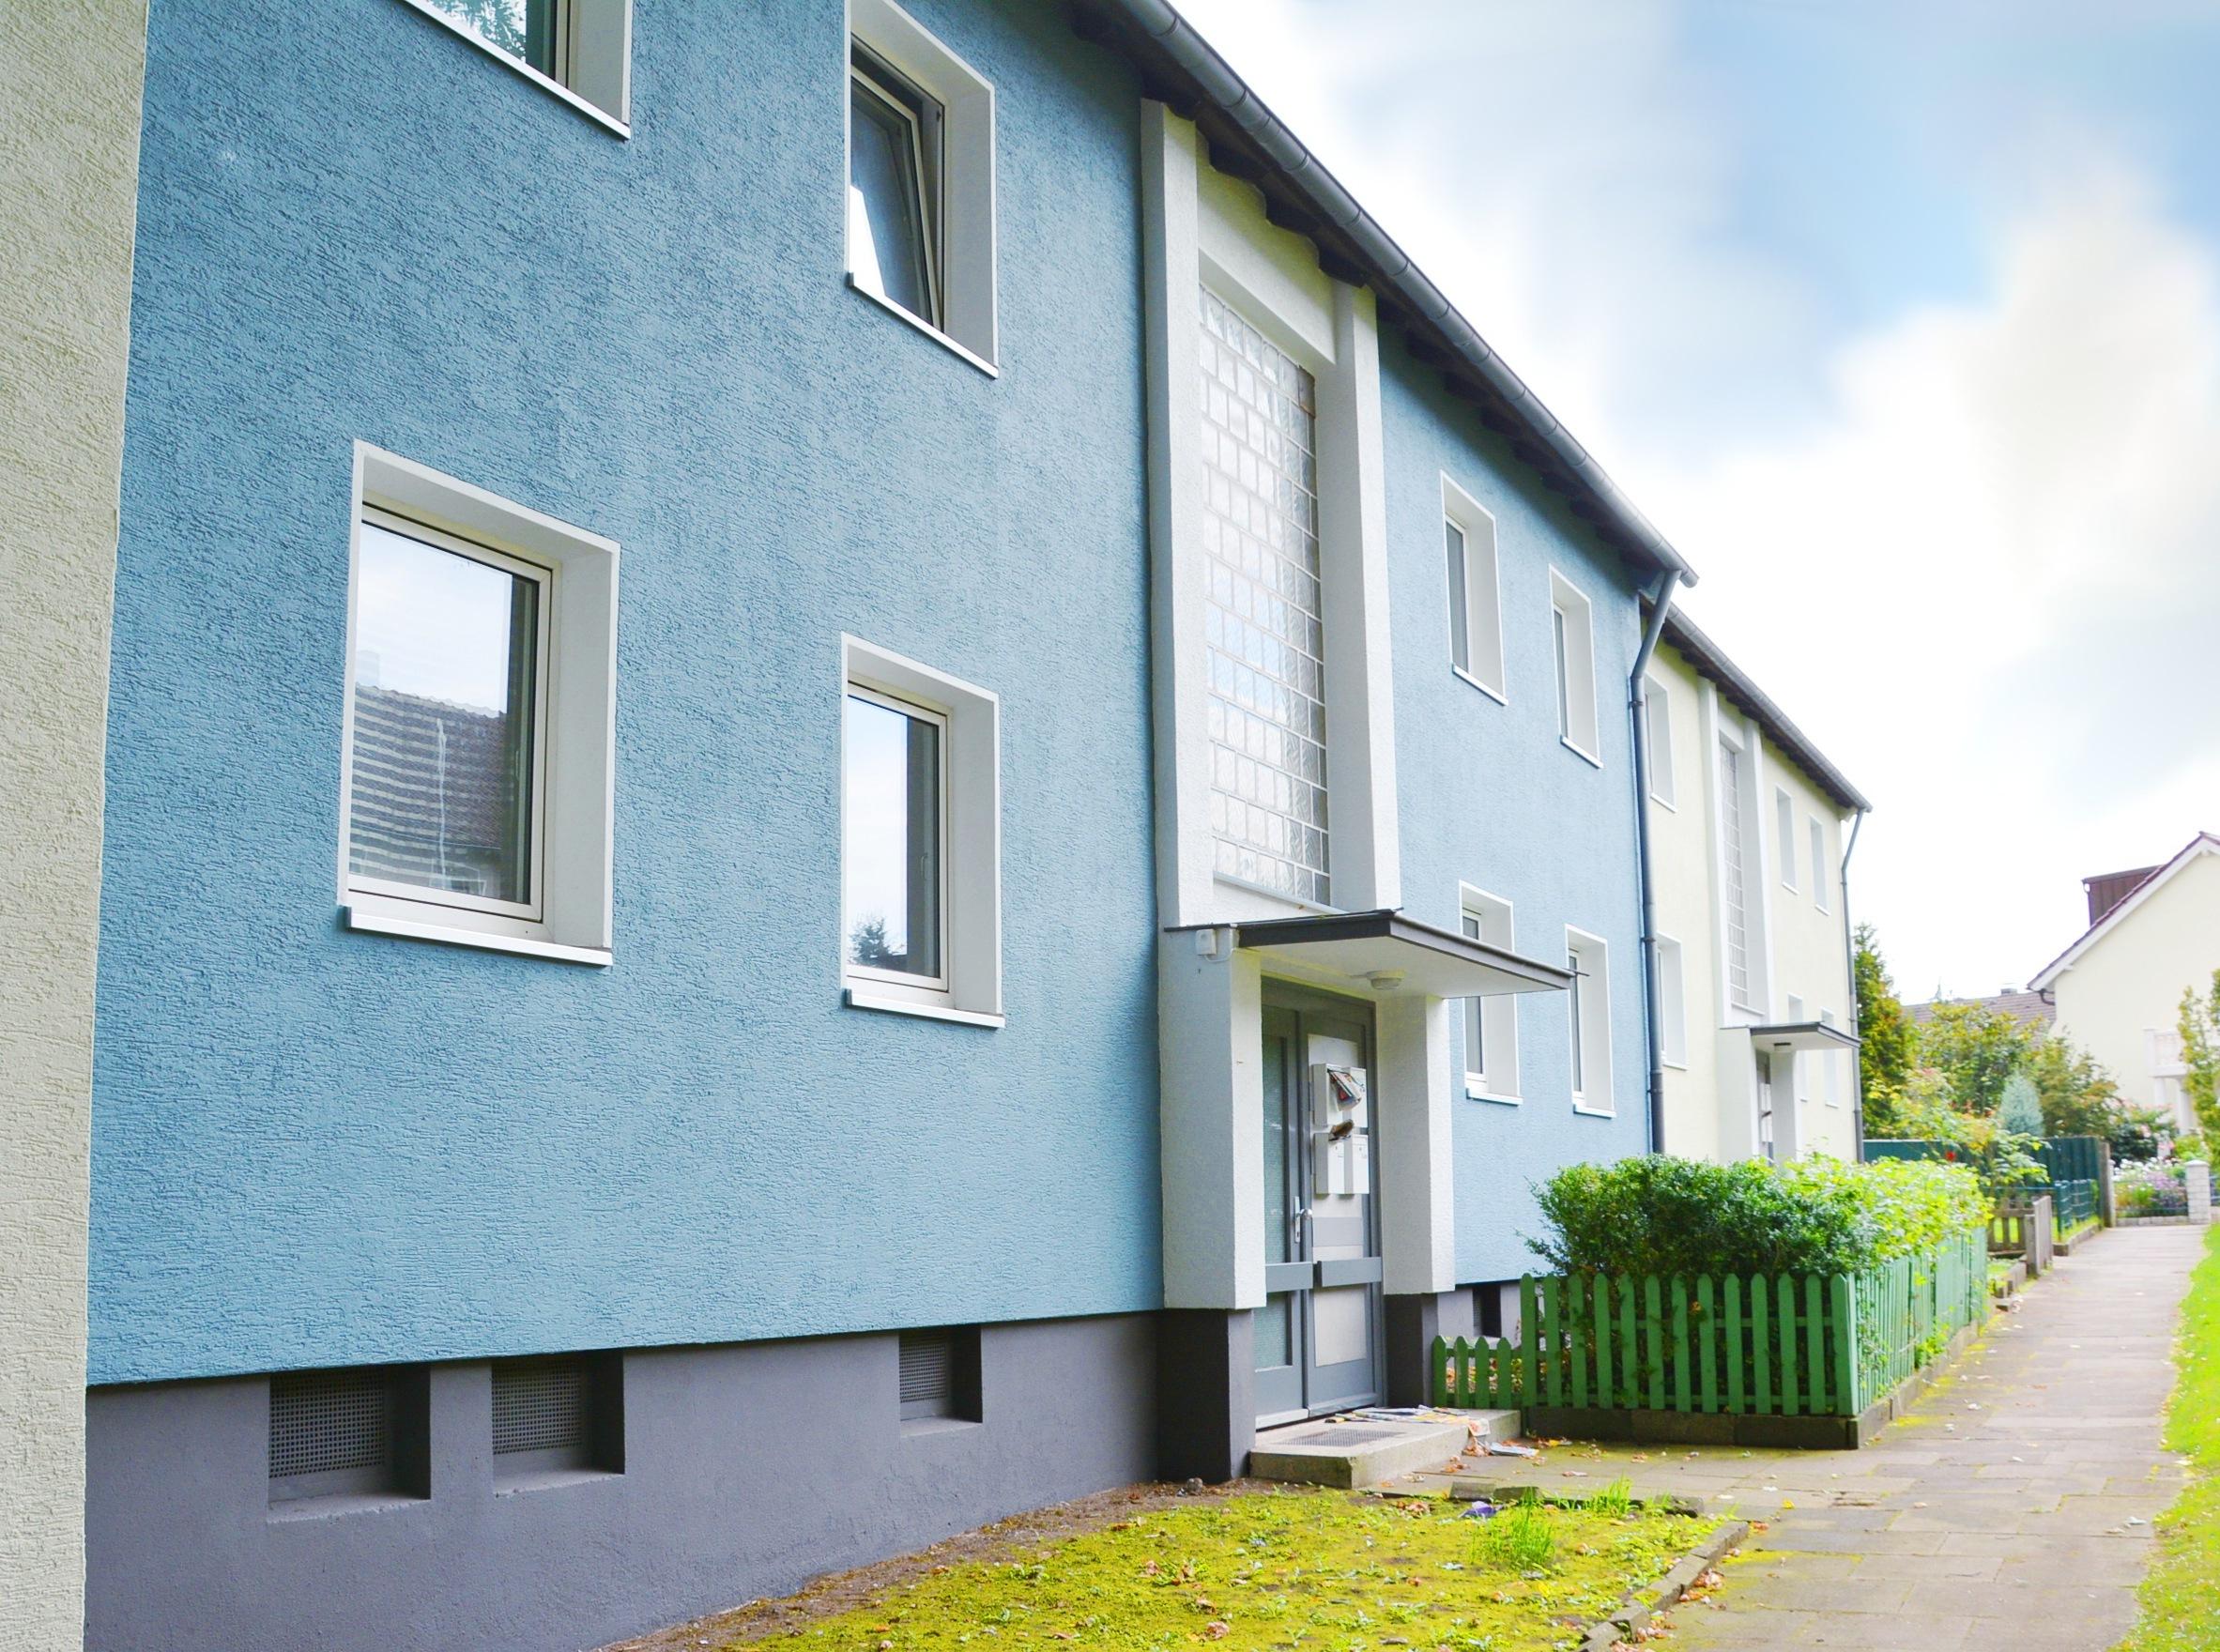 neues gesicht f r nachbarschaft in recklinghausen grand city property gcp wohnungssuche. Black Bedroom Furniture Sets. Home Design Ideas